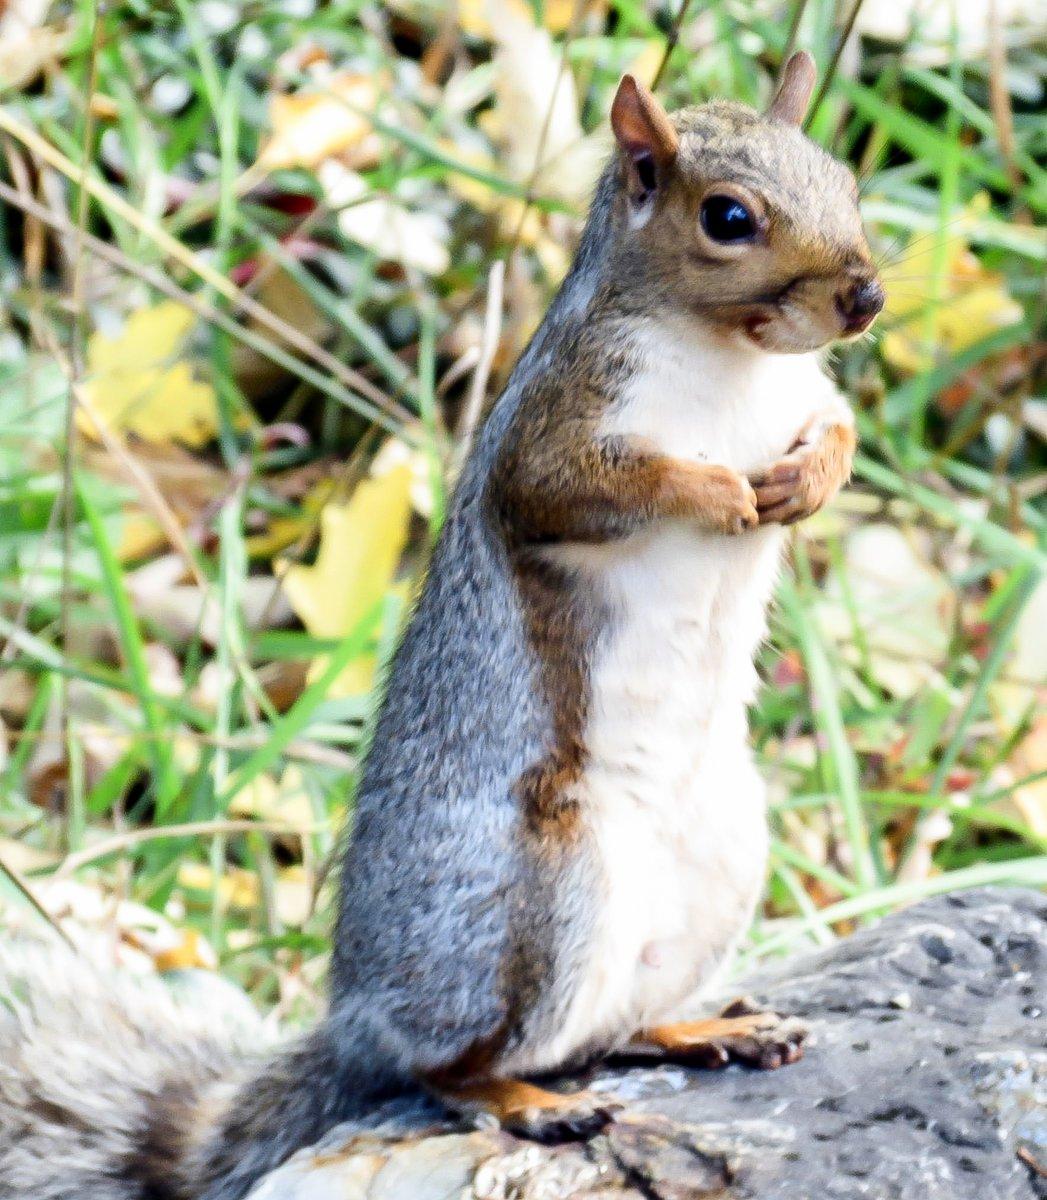 18. Gray Squirrel